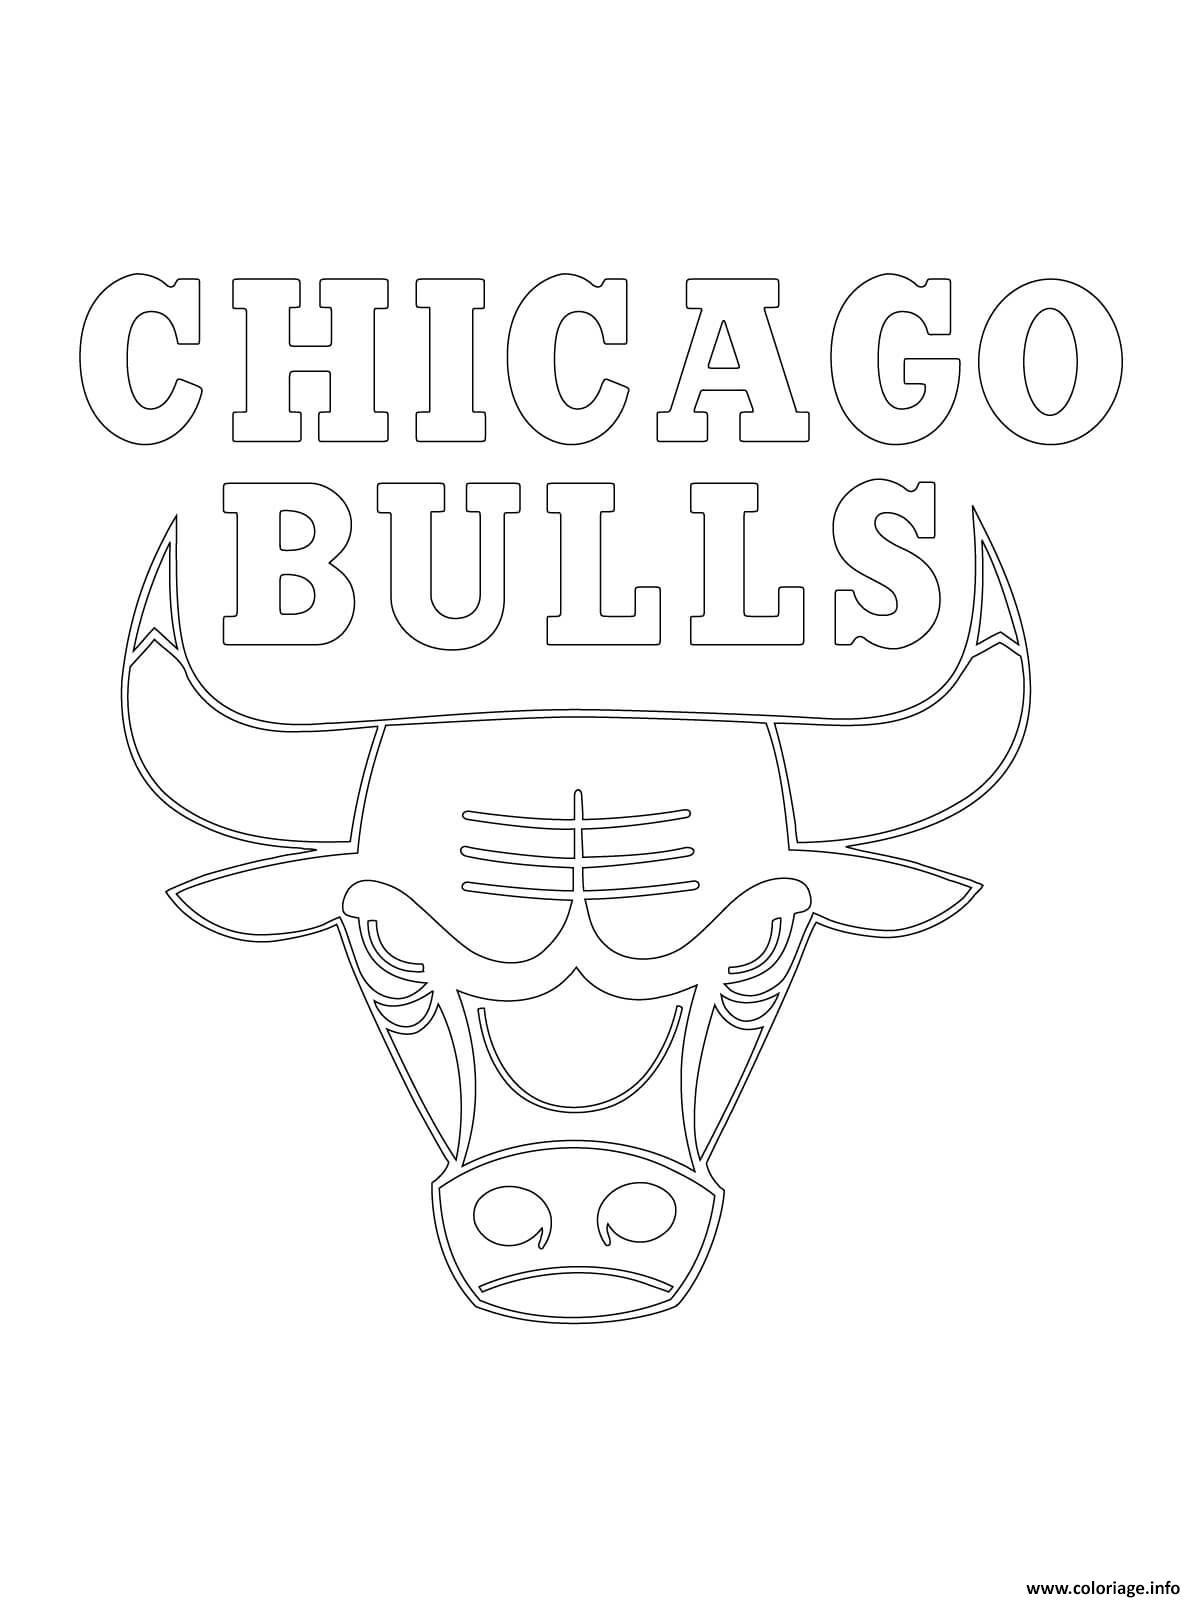 Dessin chicago bulls logo nba sport Coloriage Gratuit à Imprimer